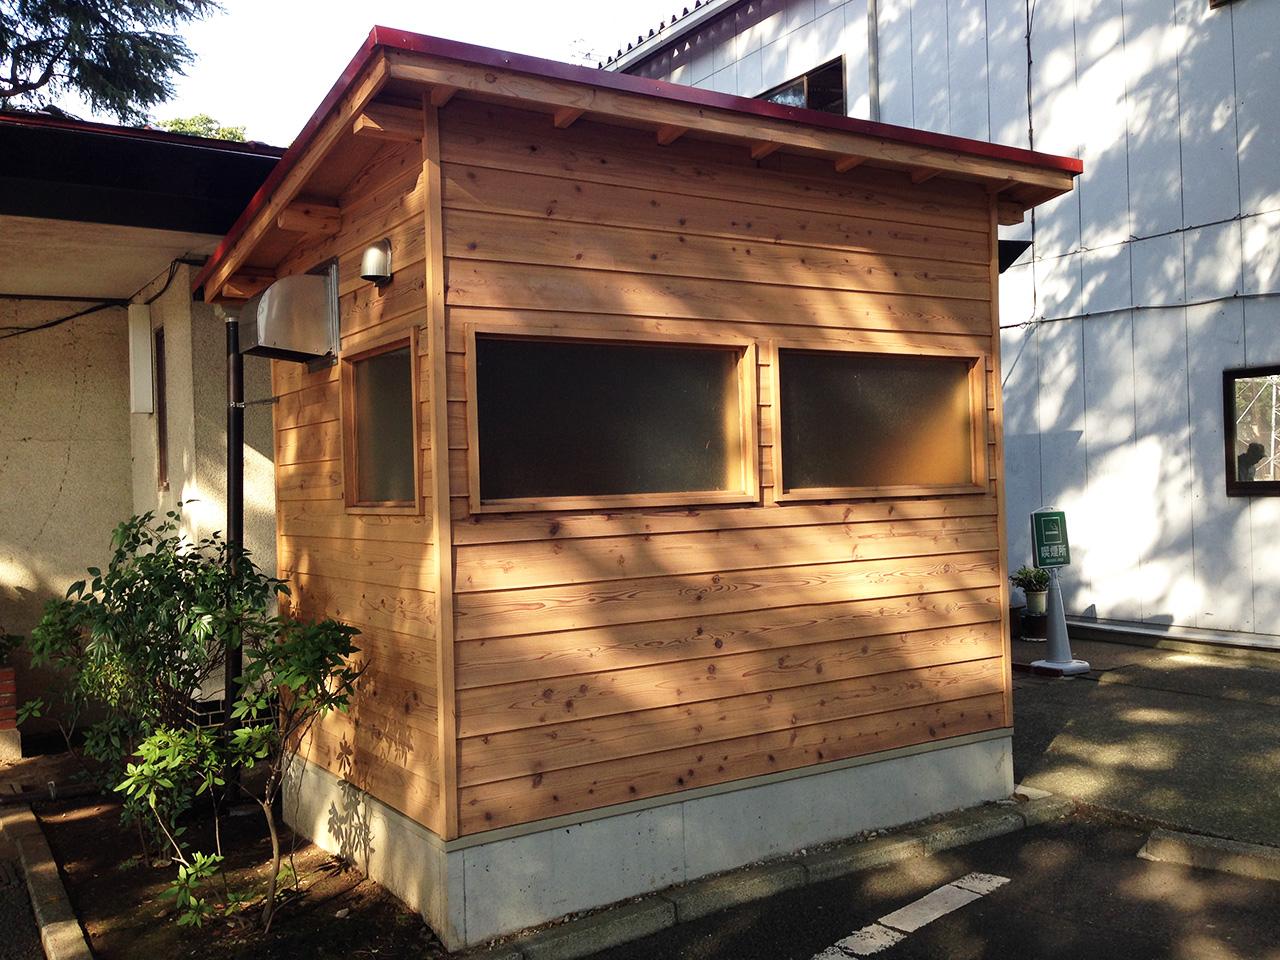 愛煙家はこちらの喫煙所をご利用下さい。昭和を感じさせる木造です。